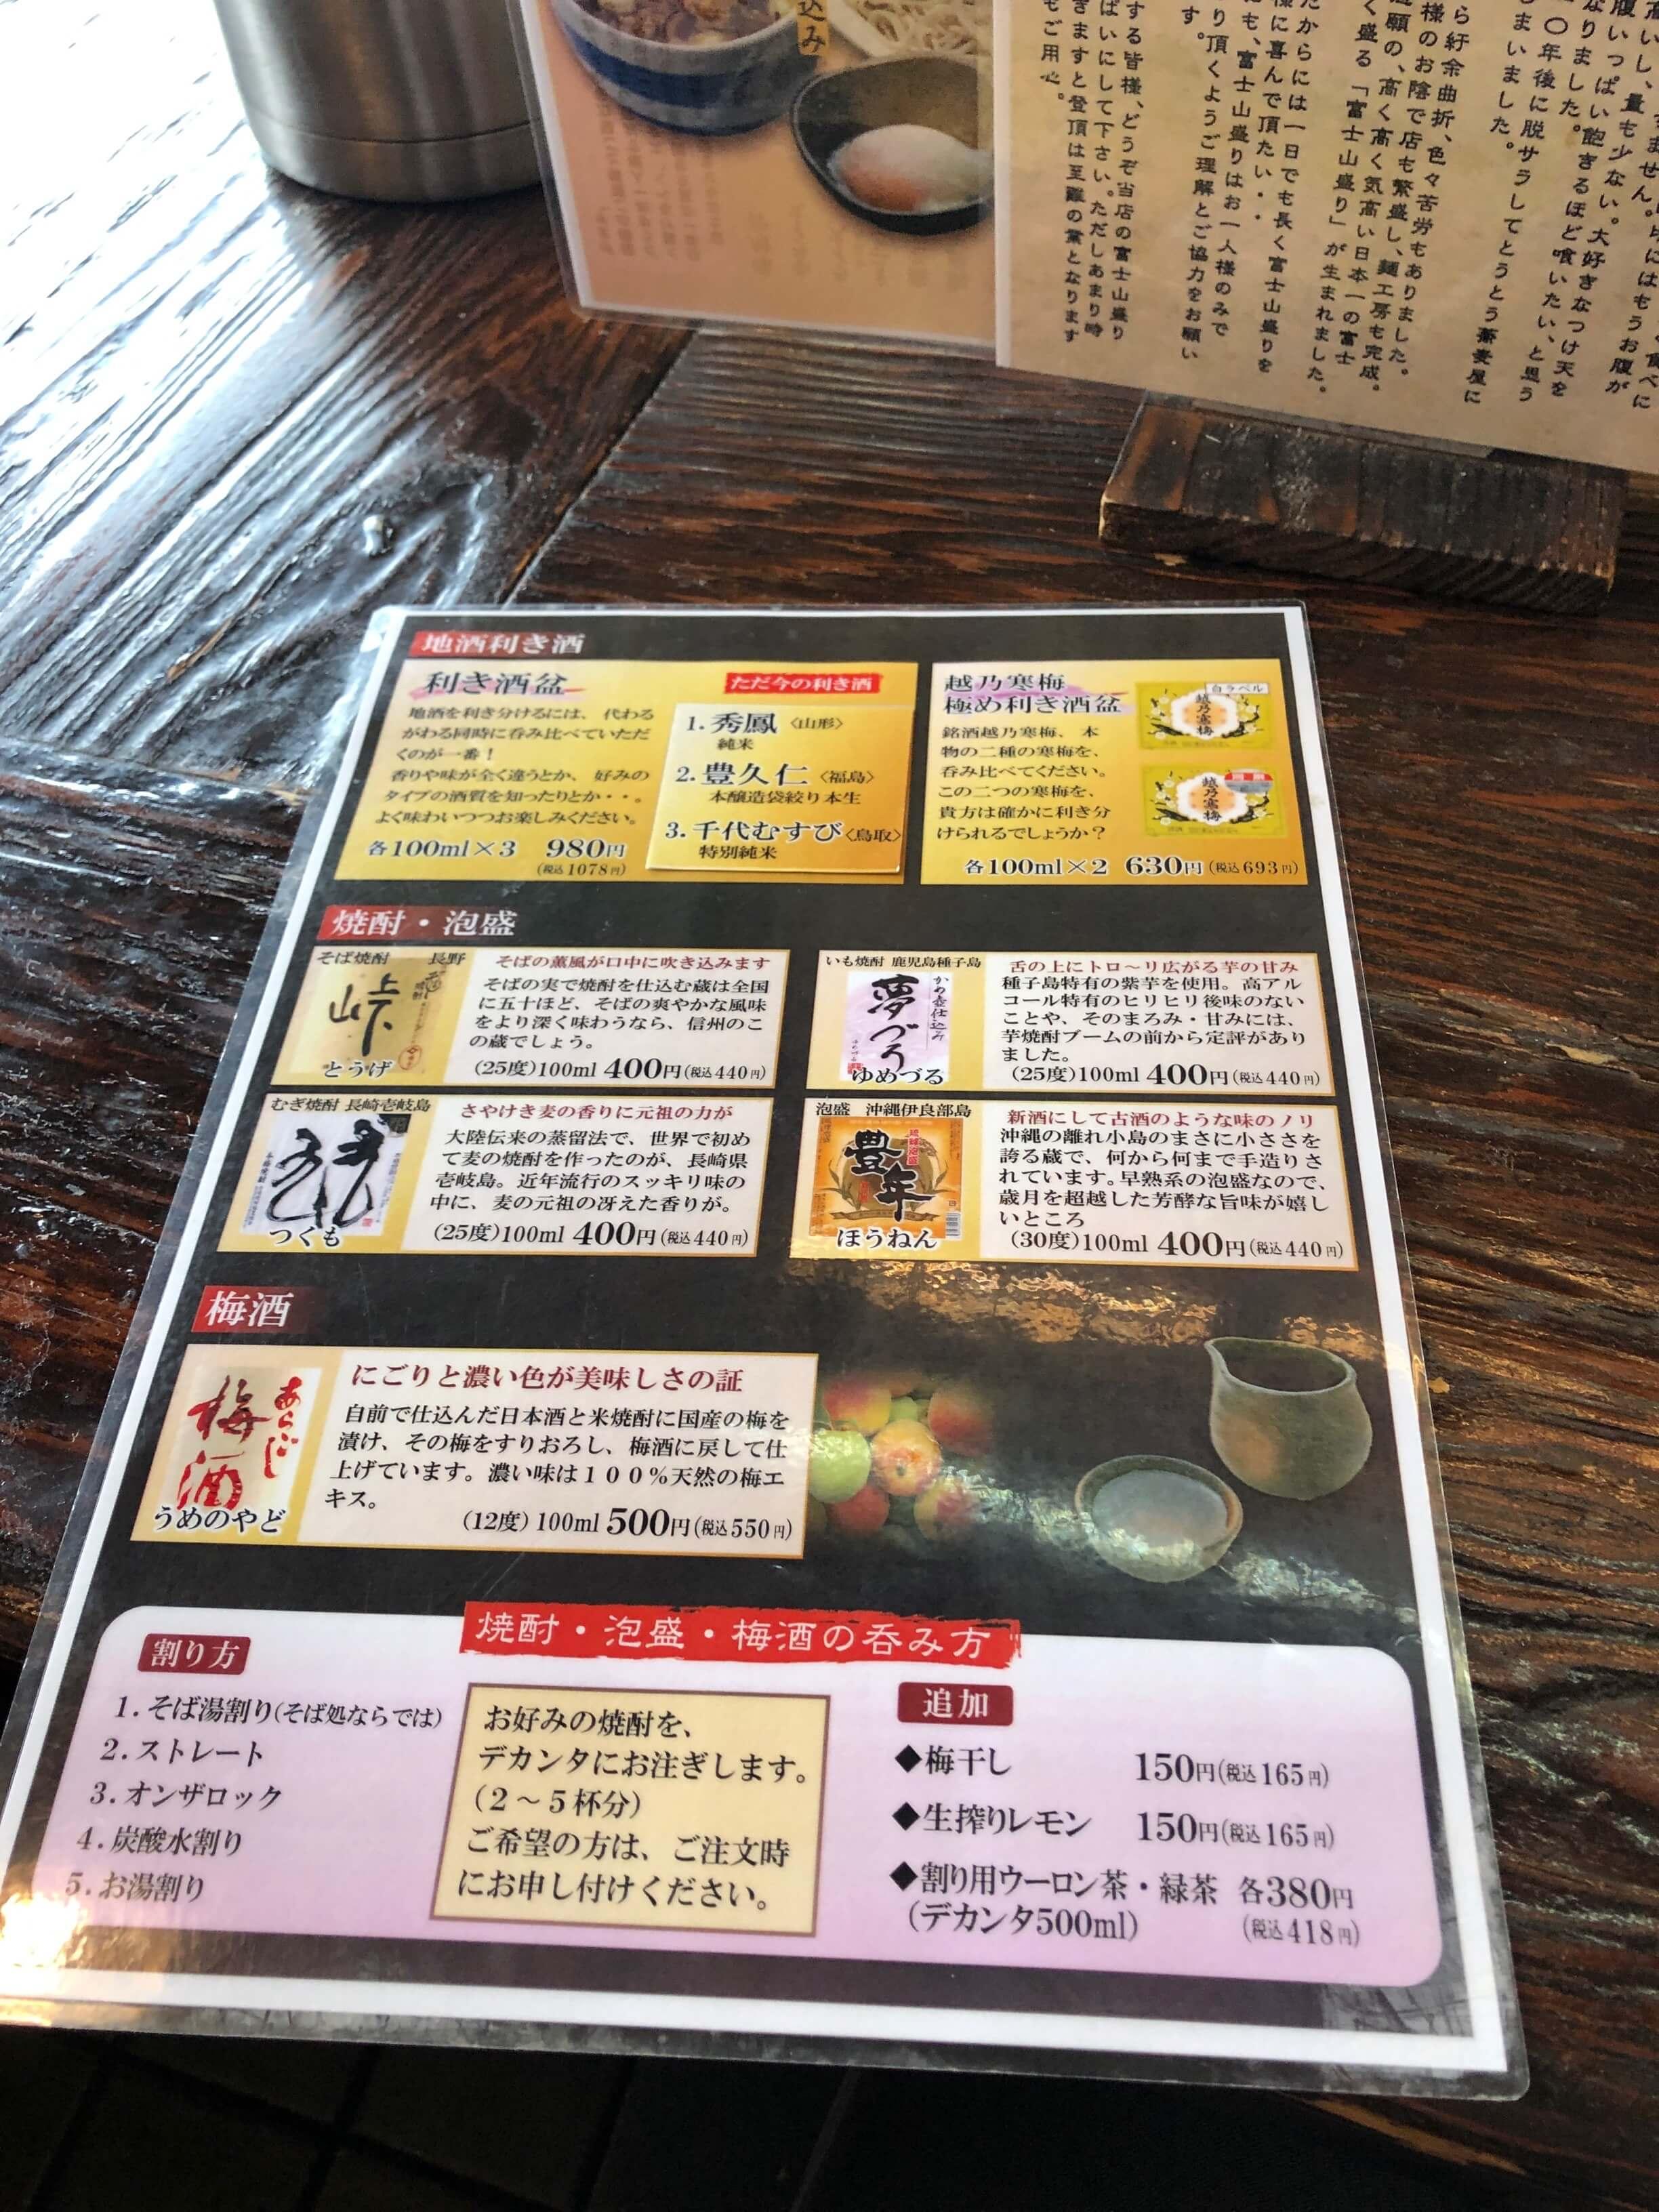 味奈登庵 総本店メニュー2020.07.02_08